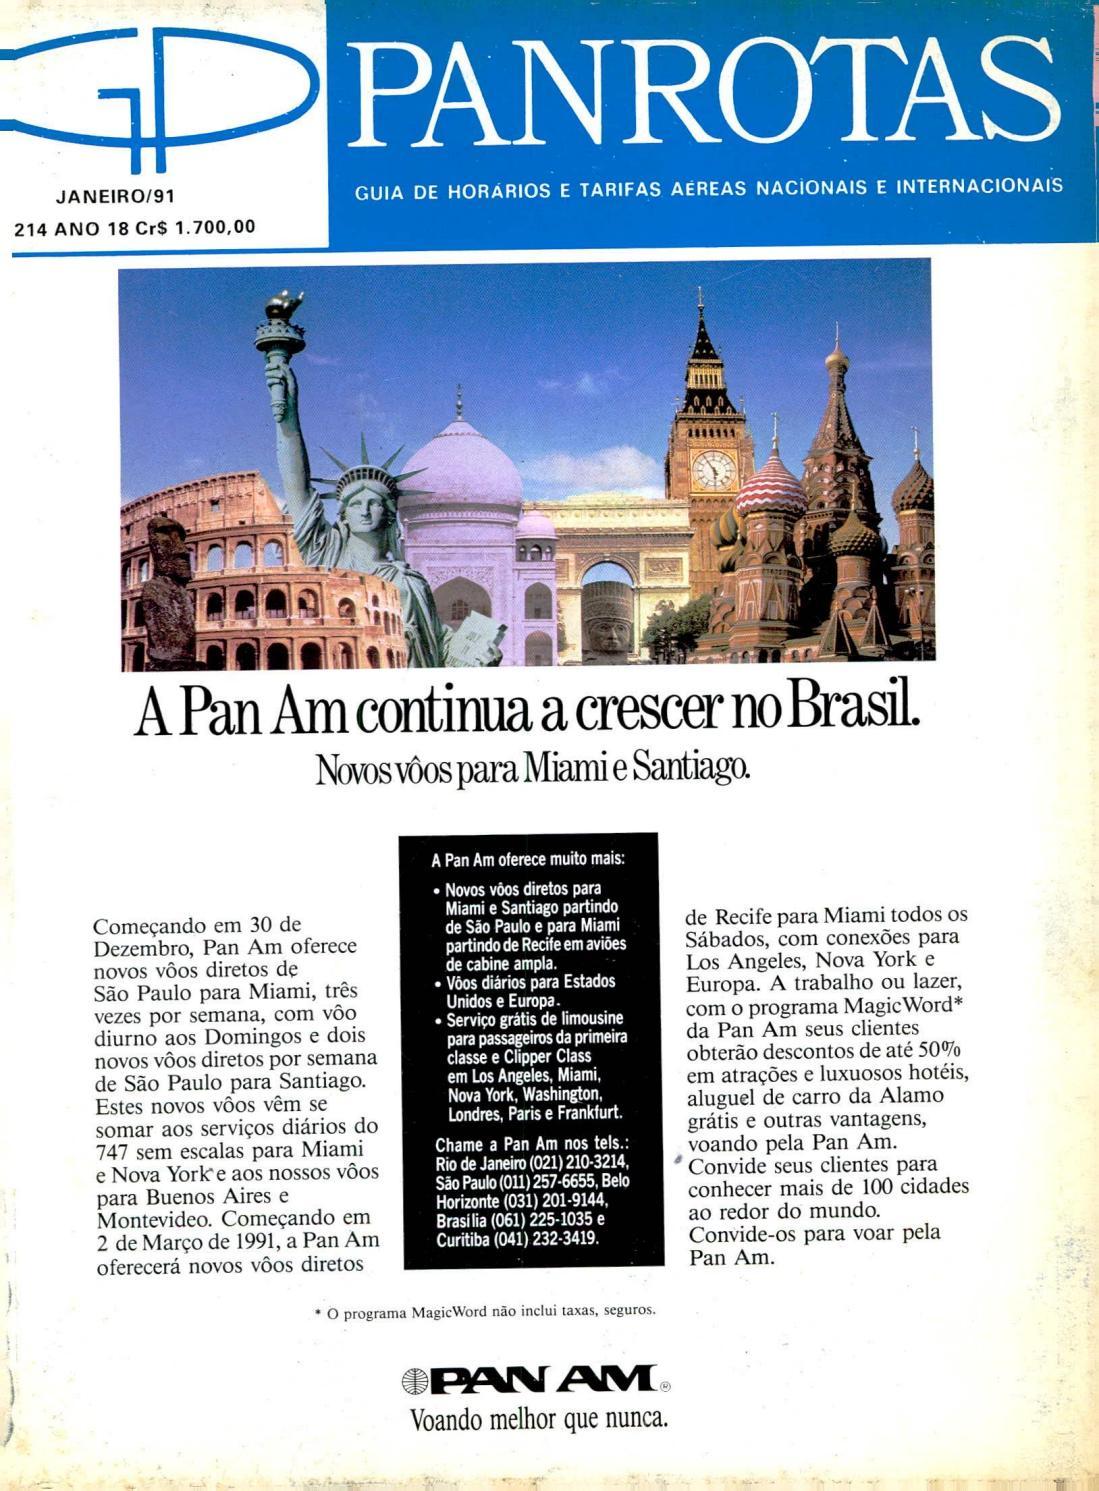 Guia PANROTAS - Edição 214 - Janeiro 1991 by PANROTAS Editora - issuu 8a54d8d8cb